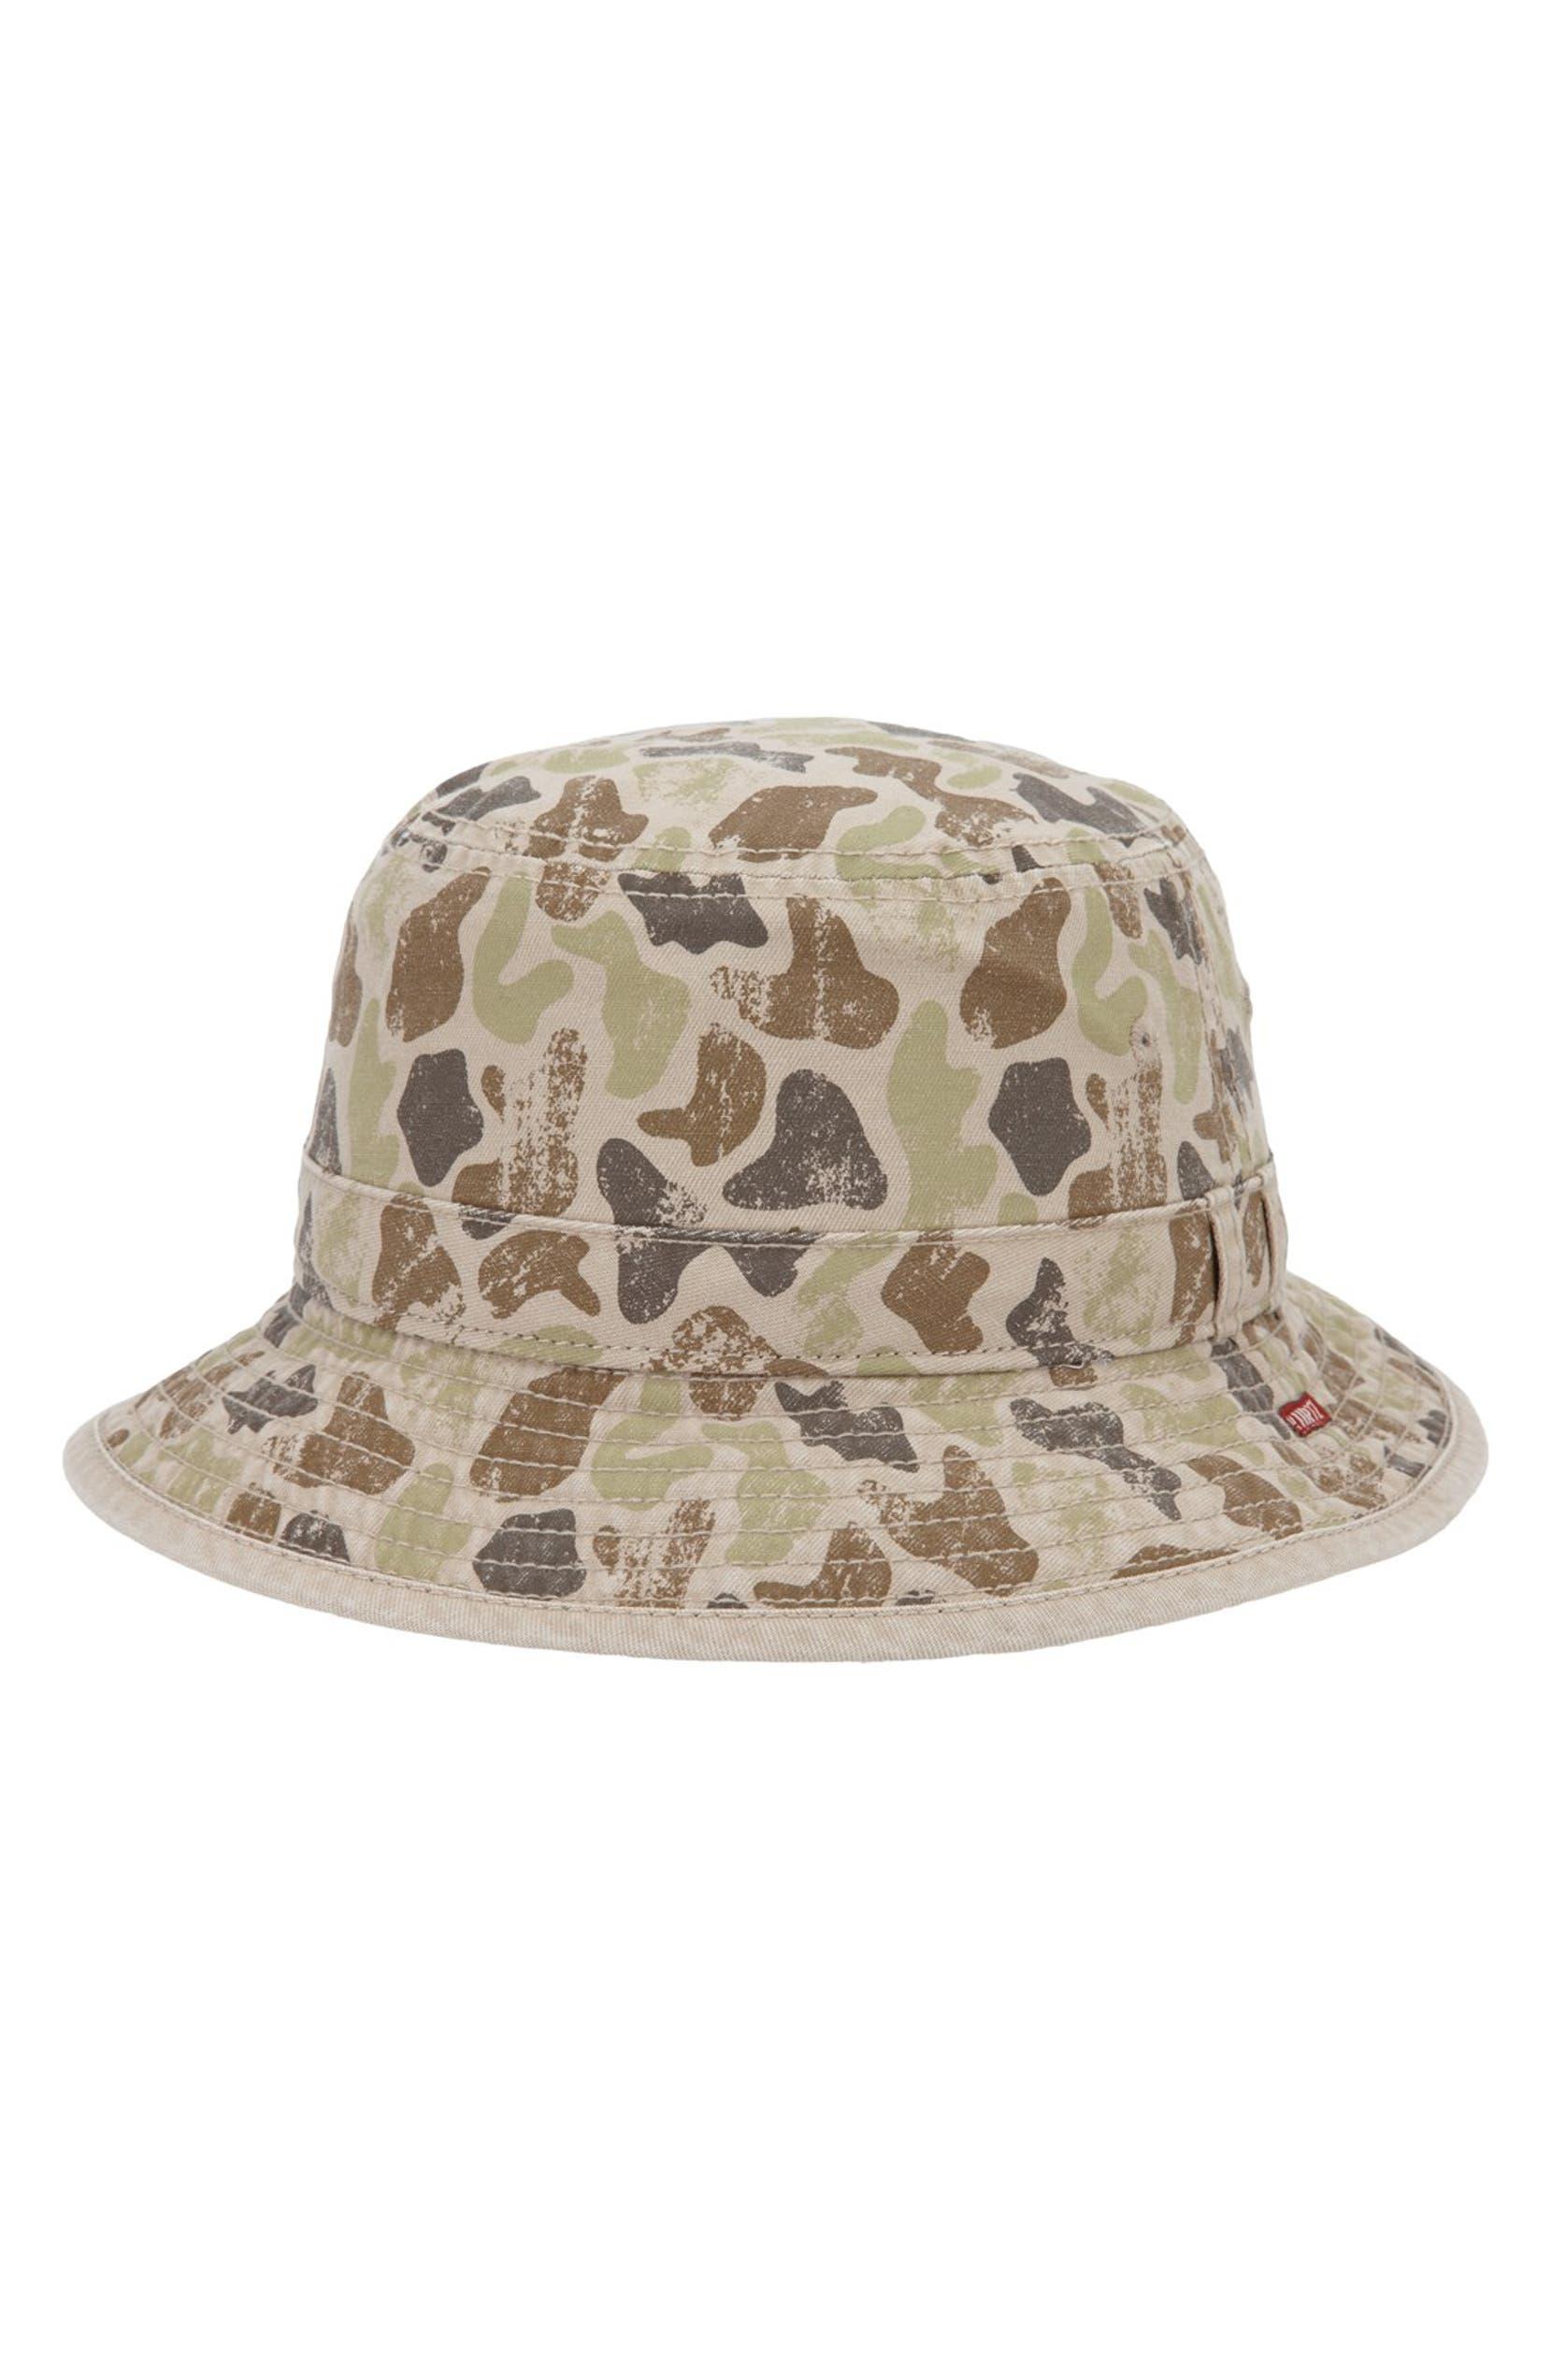 1d3719c48 A. Kurtz 'Marsh' Camo Print Bucket Hat | Nordstrom